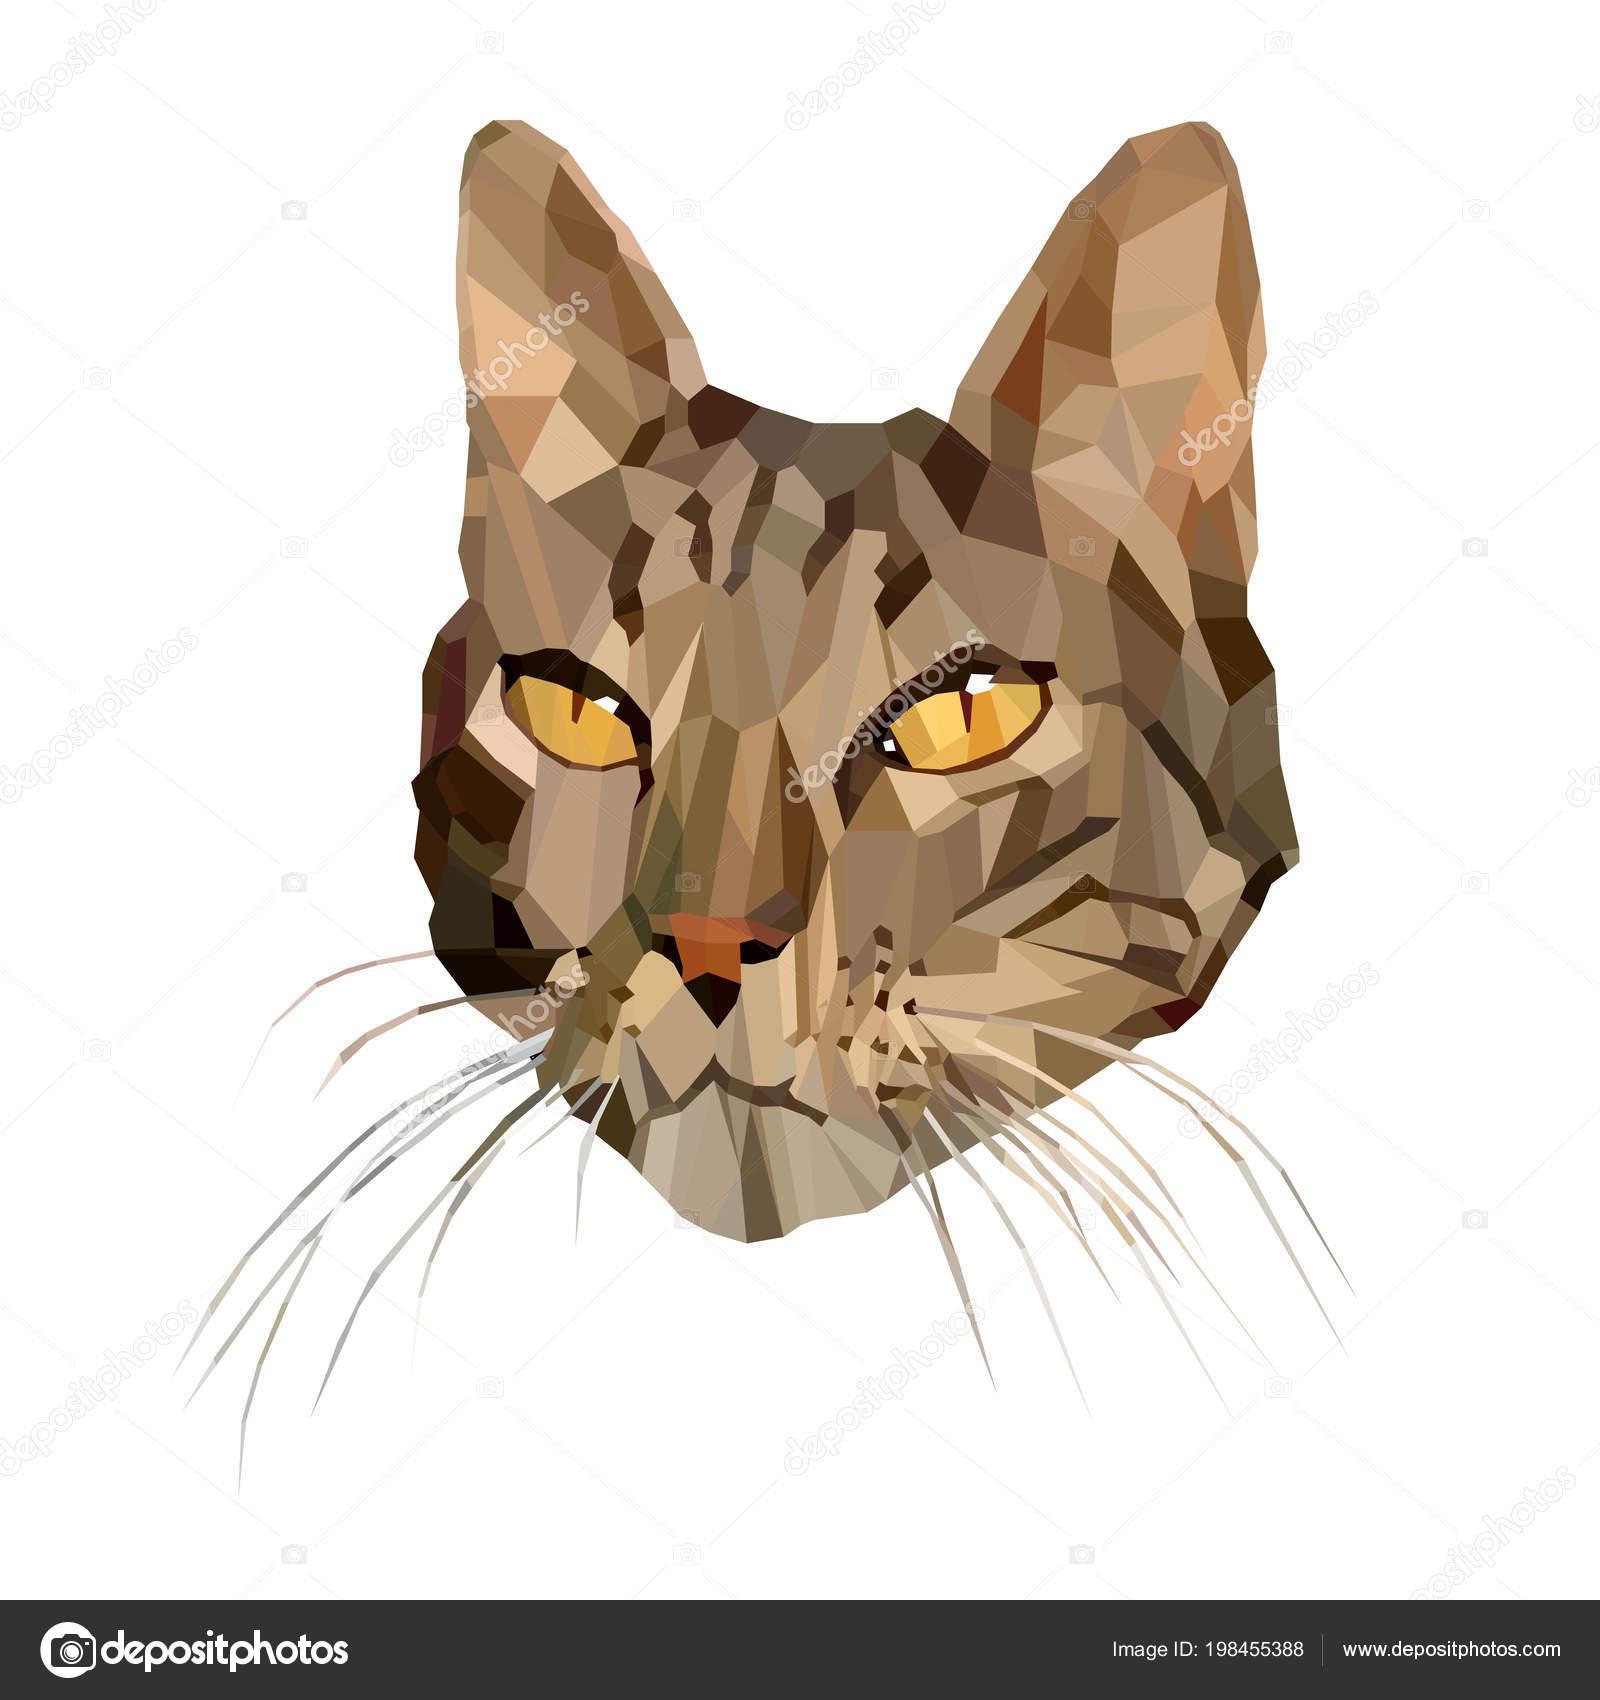 e1806269b359 Vector εικονογράφηση της γάτας σε χαμηλή Poly στυλ. Πολύγωνο αφηρημένη  γατάκι στην καφετιά χρώματα. Γεωμετρική πολυγωνικό γατάκι σιλουέτα —  Διάνυσμα με ...